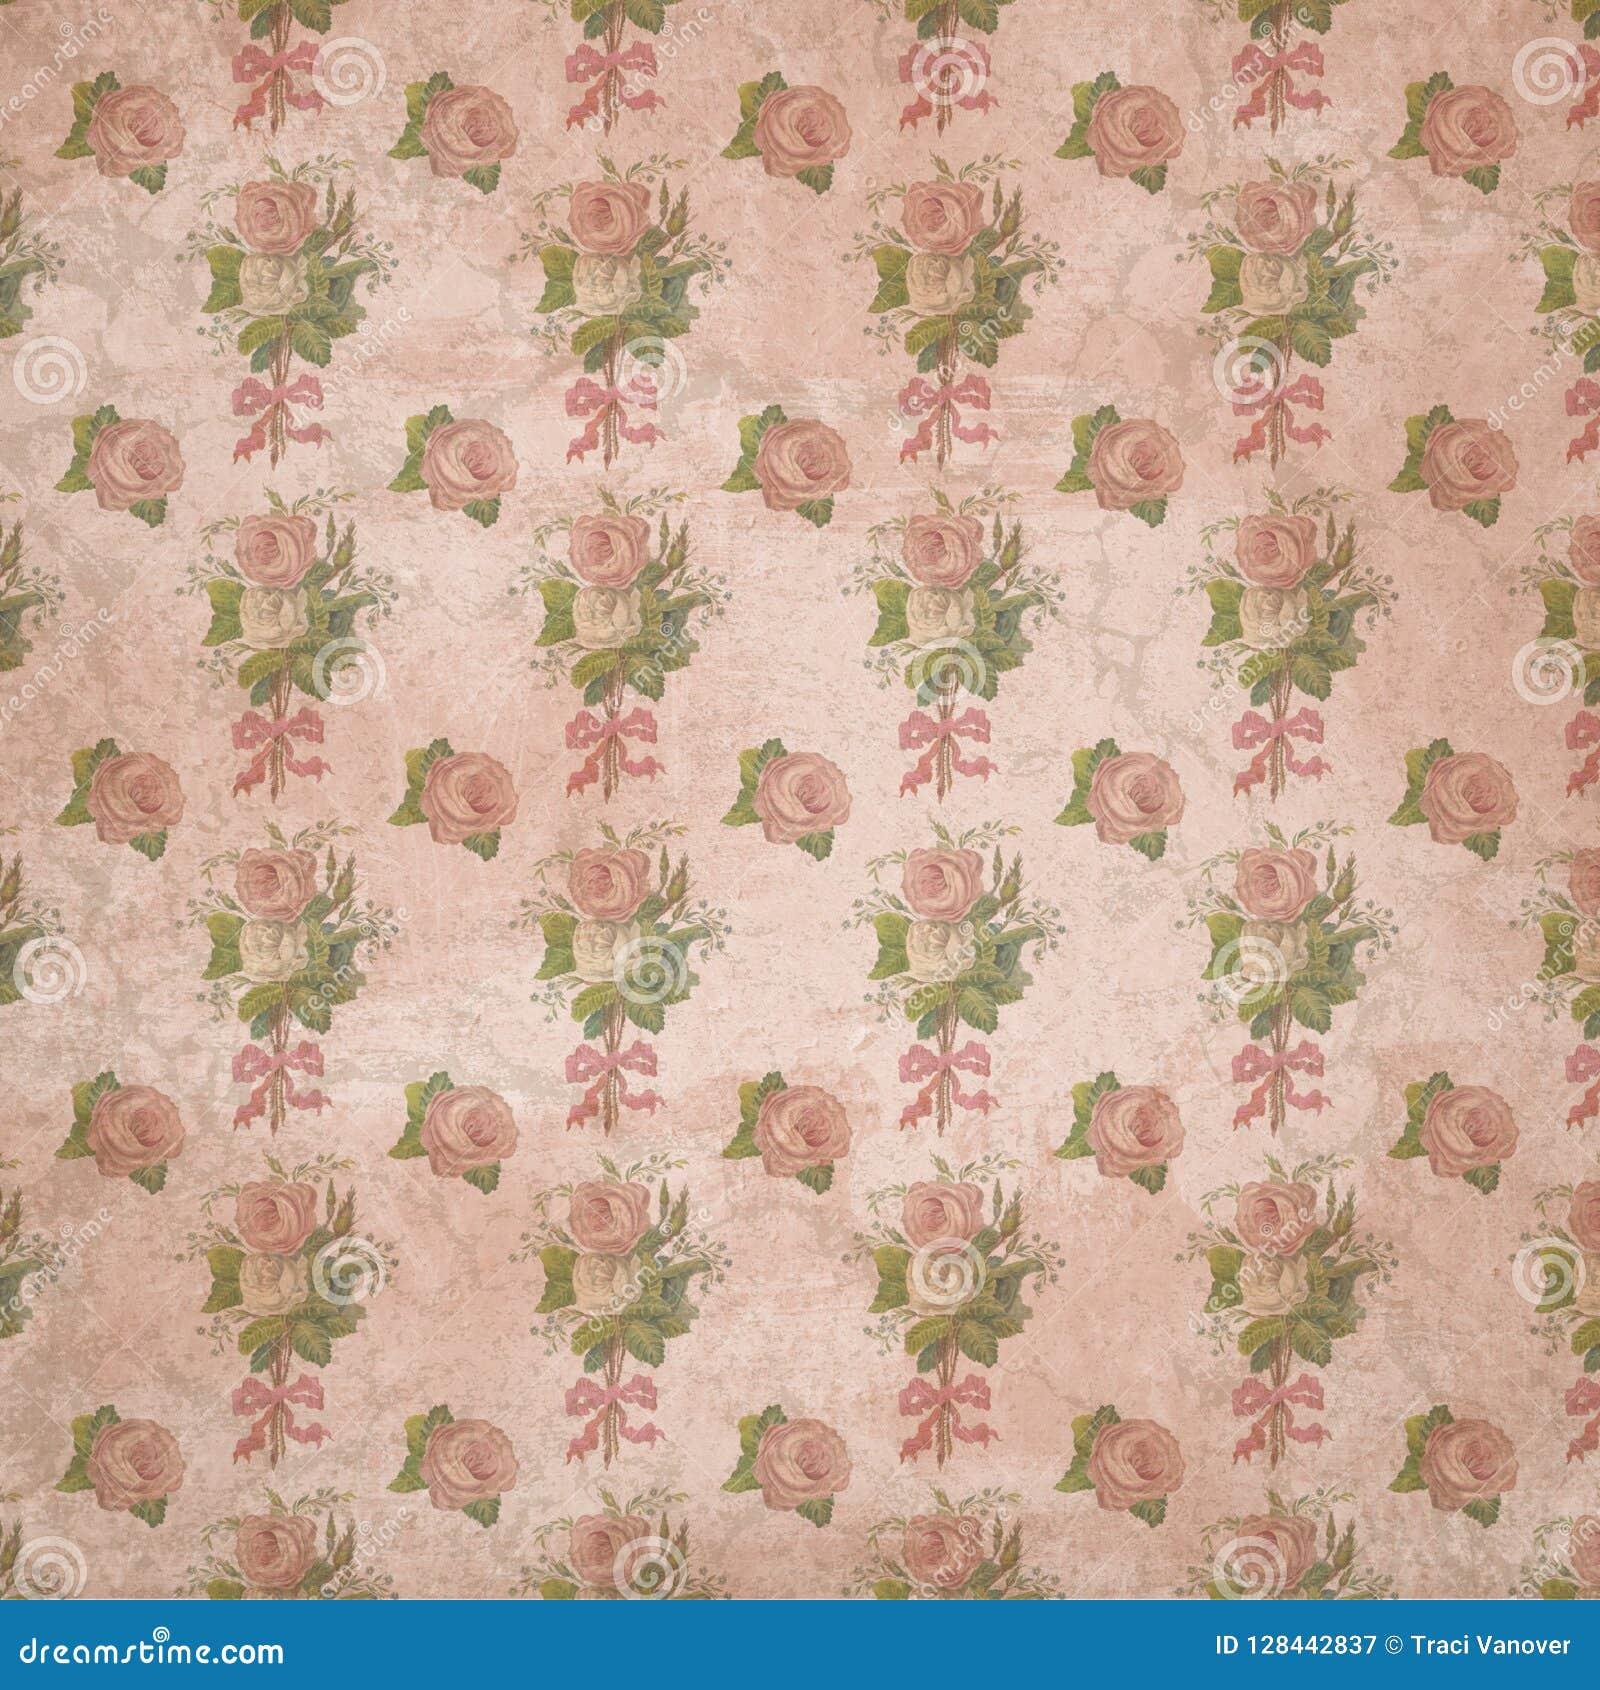 Regentschafts-Ära - Jane Austen Inspired - Weinlese-schäbiges schickes Rosen-Muster - Digital-Papierhintergrund - Rosen - Stolz u